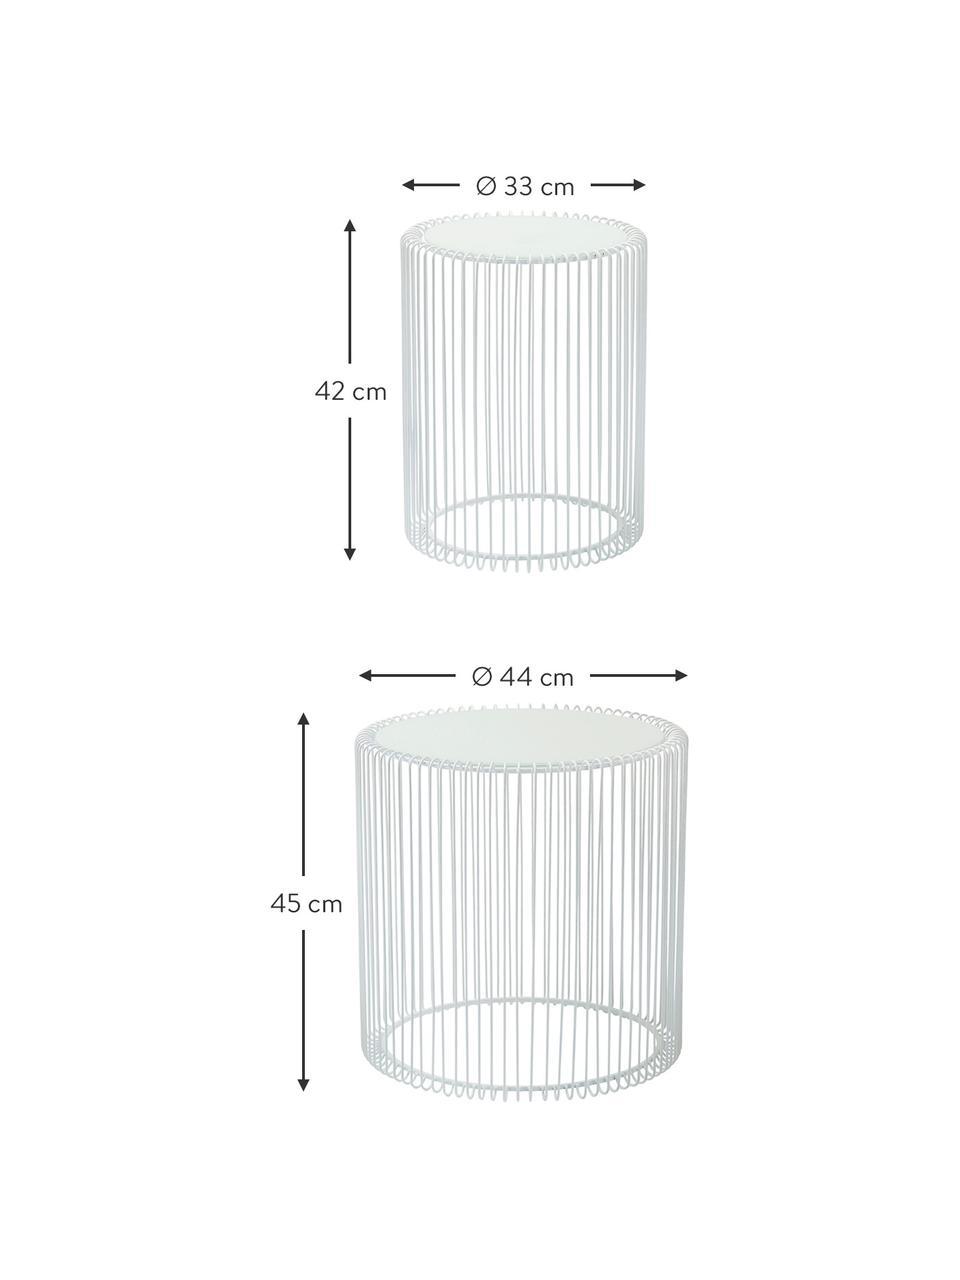 Metalen bijzettafel Wire met glazen tafelblad, 2-delig, Frame: gepoedercoat metaal, Tafelblad: veiligheidsglas, in folie, Wit, Set met verschillende formaten